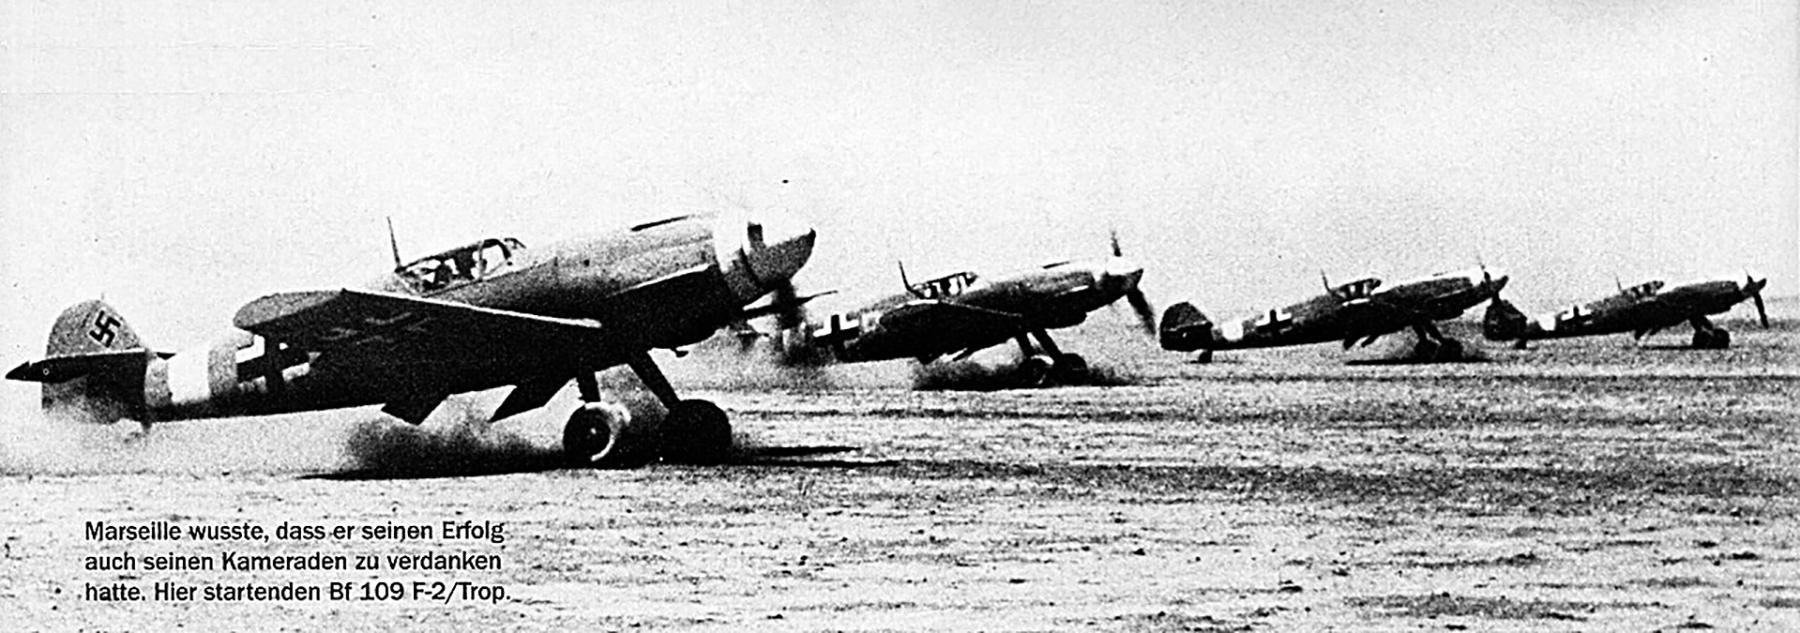 Messerschmitt Bf 109F4Trop 3.JG27 Yellow 14 Hans Joachim Marseille taking off Martuba 1942 01